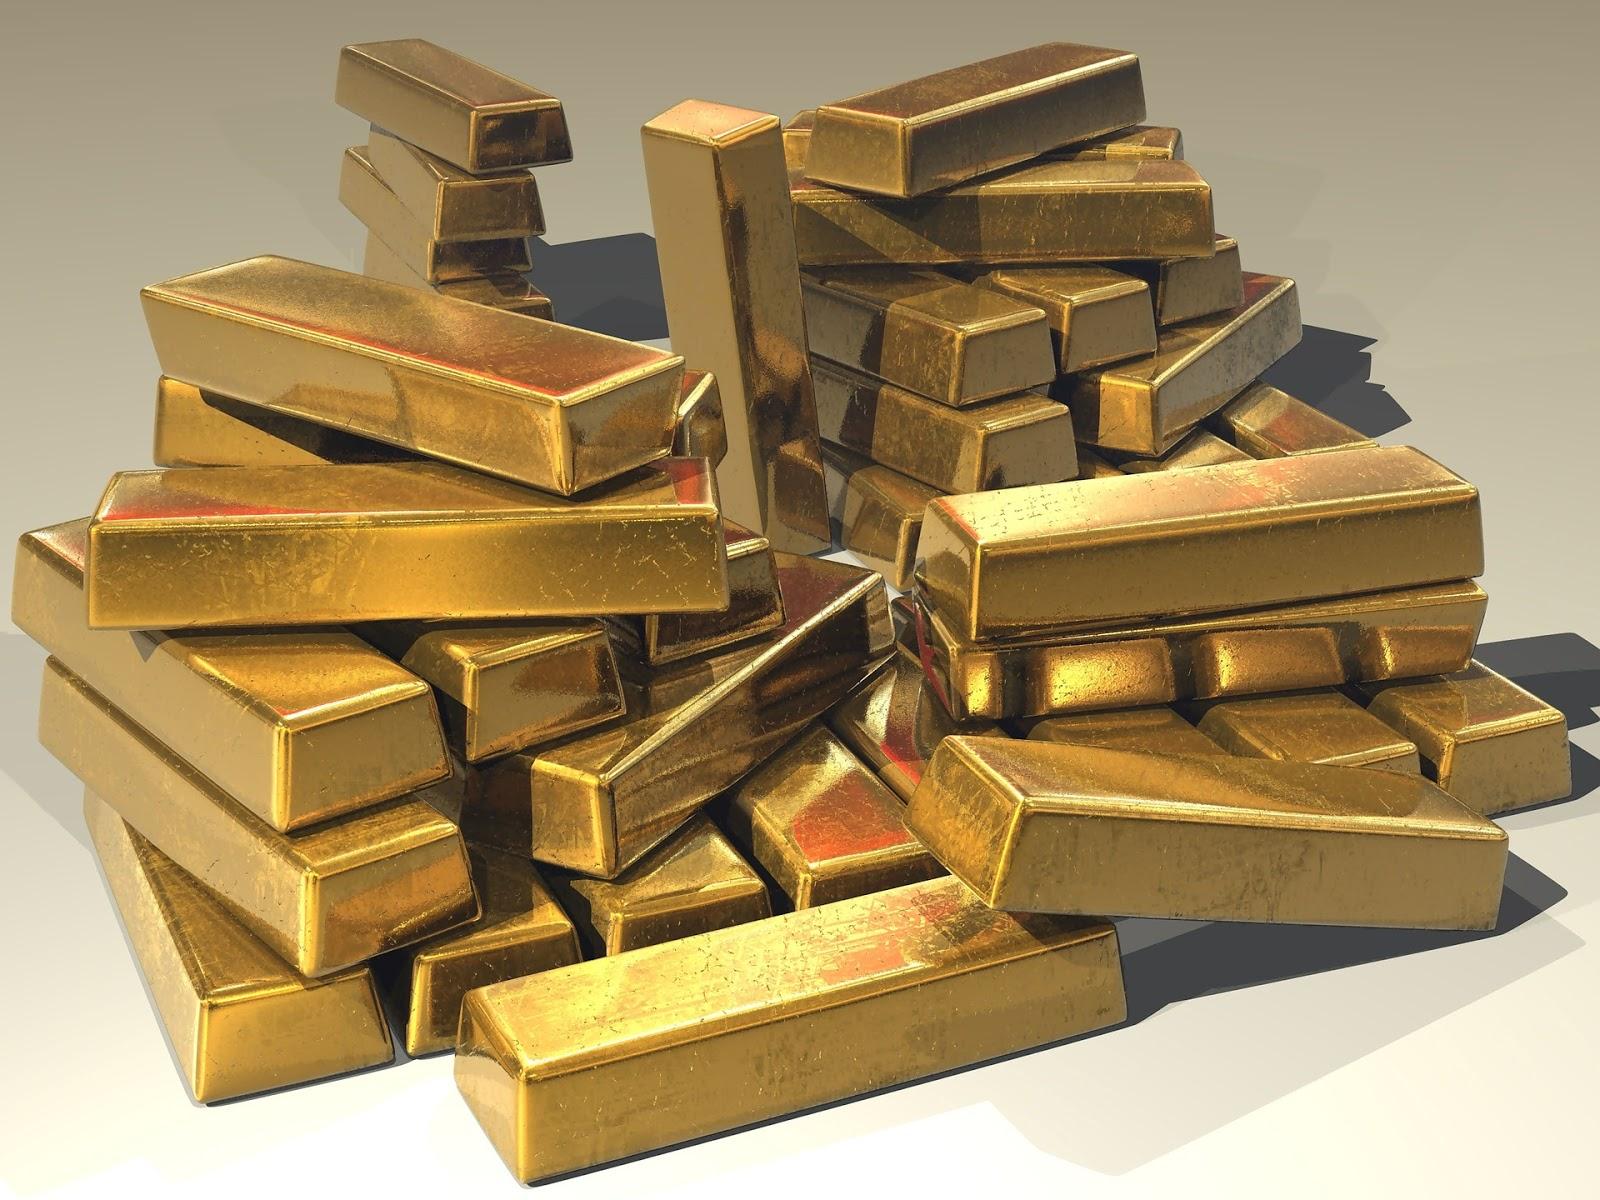 Belatna da blir det aldrig guld